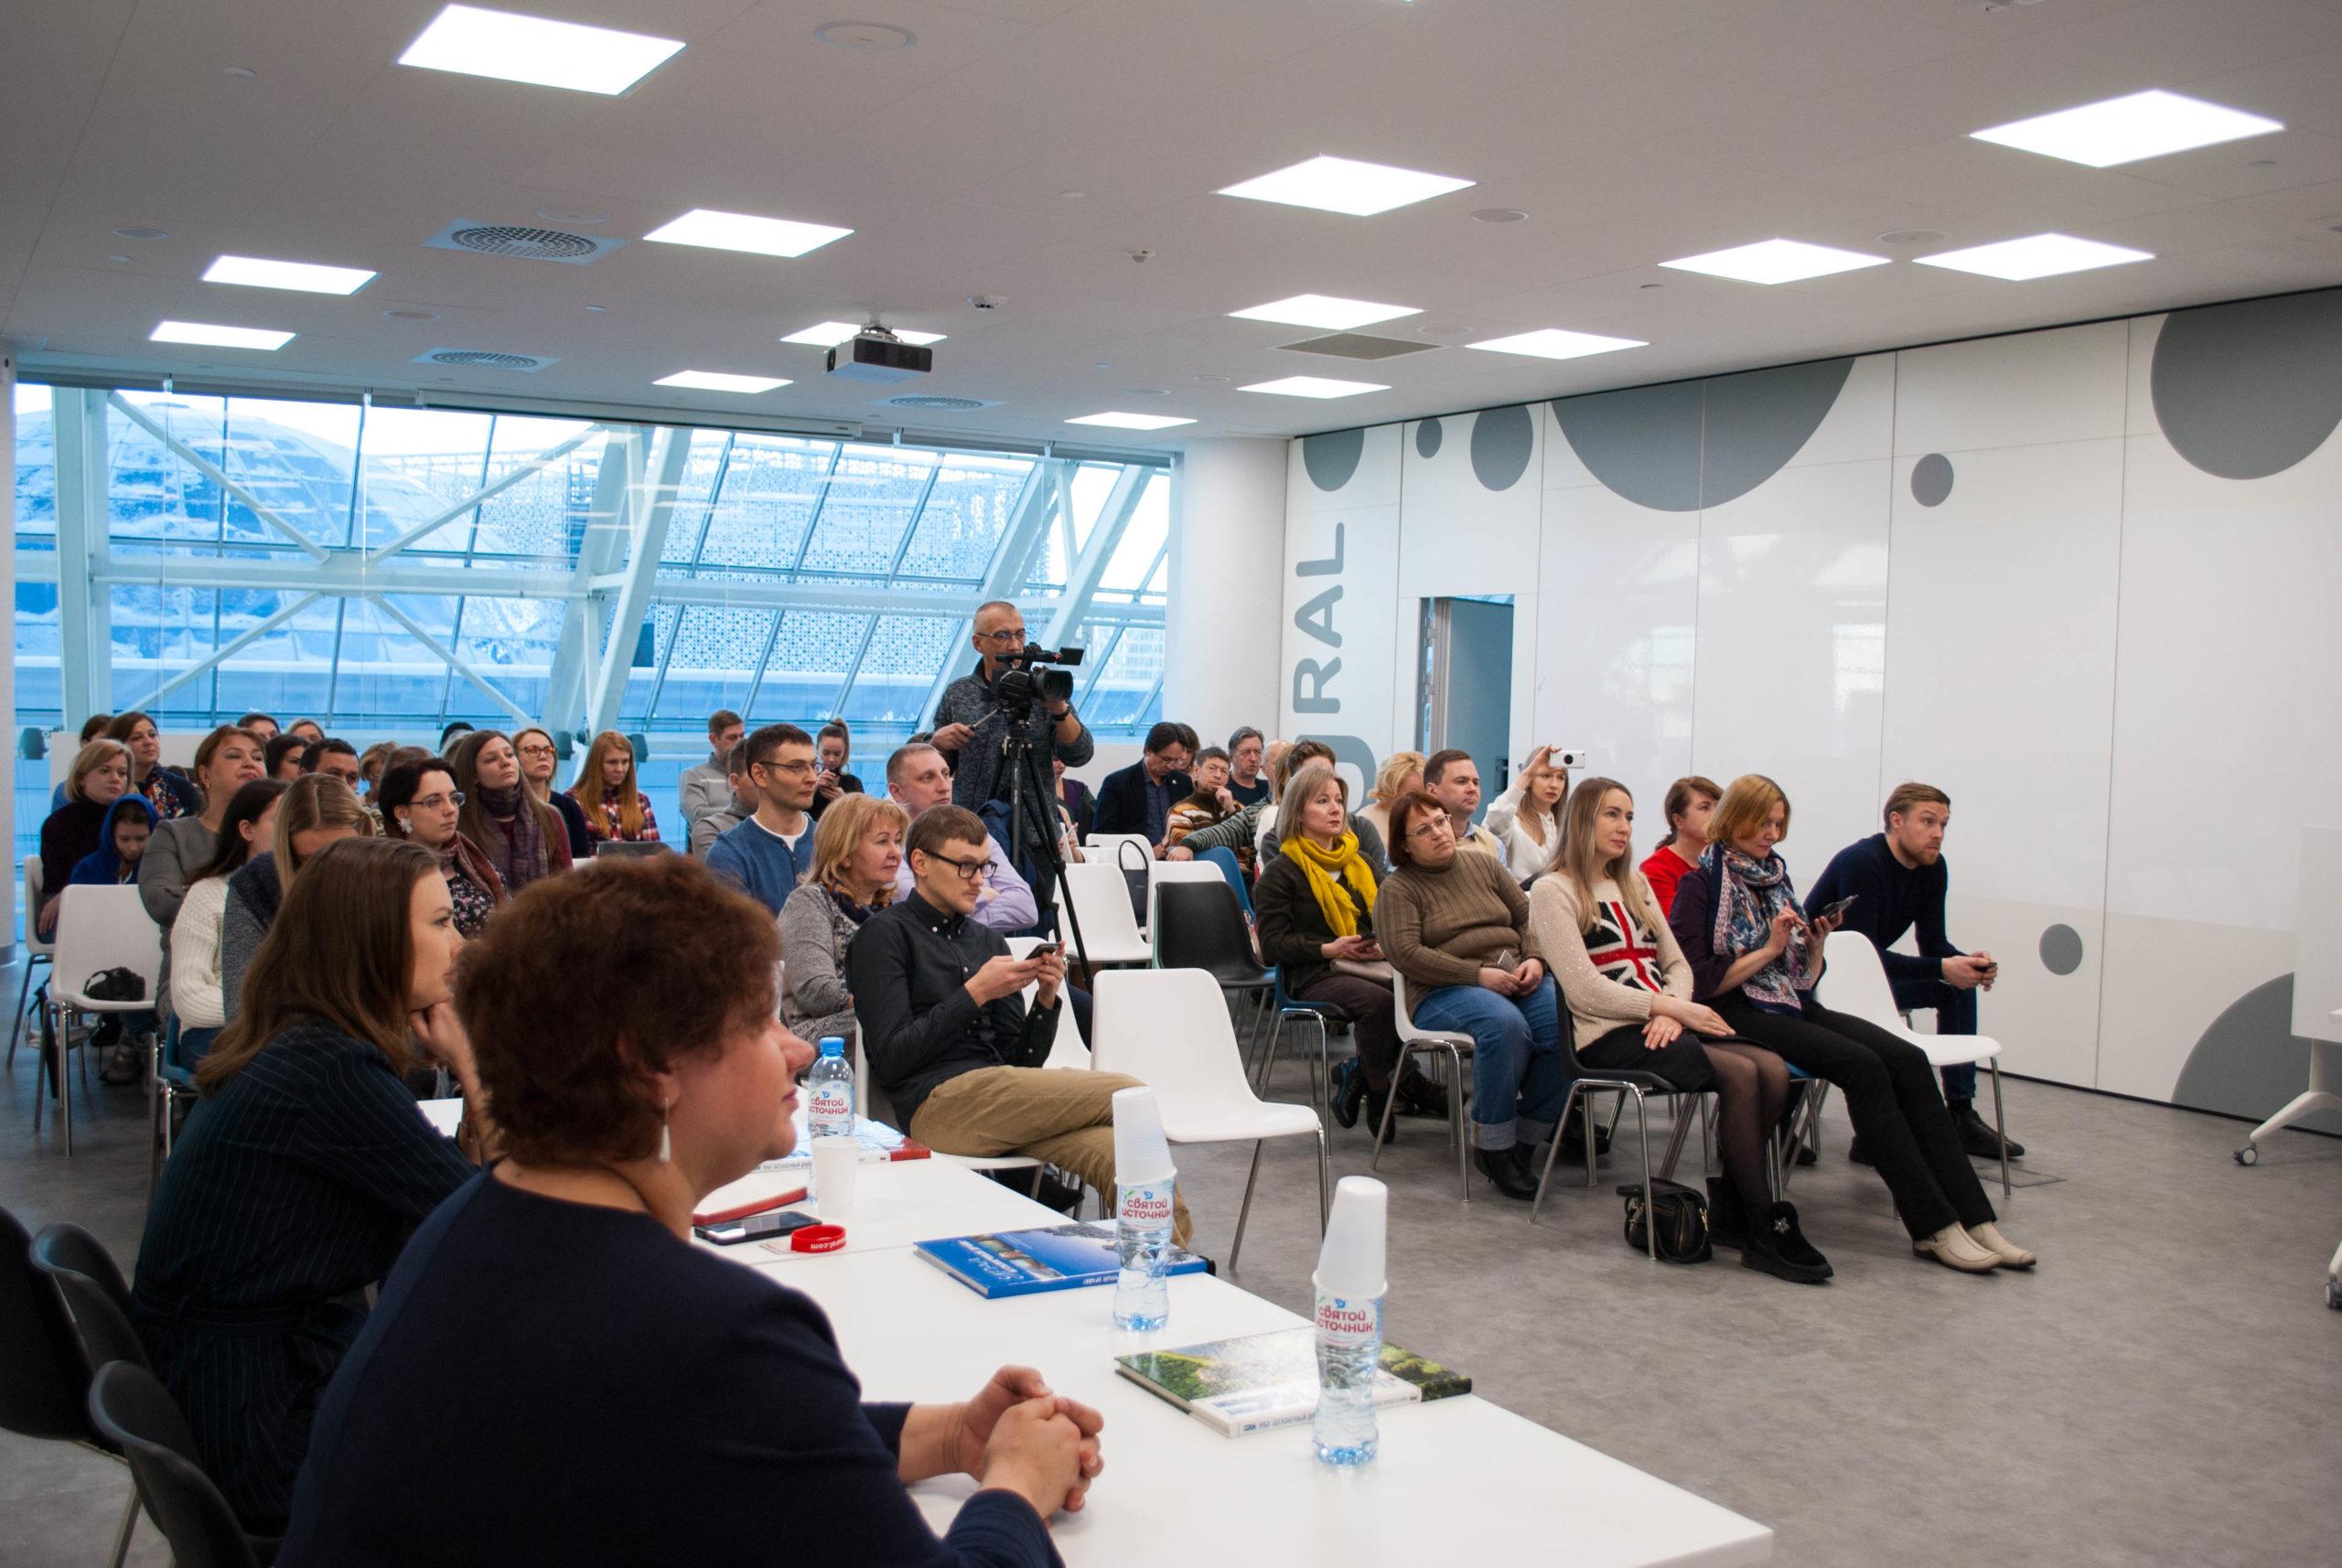 Северская домна, СМАК, ЧТПЗ, Наш Урал конференция, промышленный туризм, Точка Кипения, конференция промышленный туризм